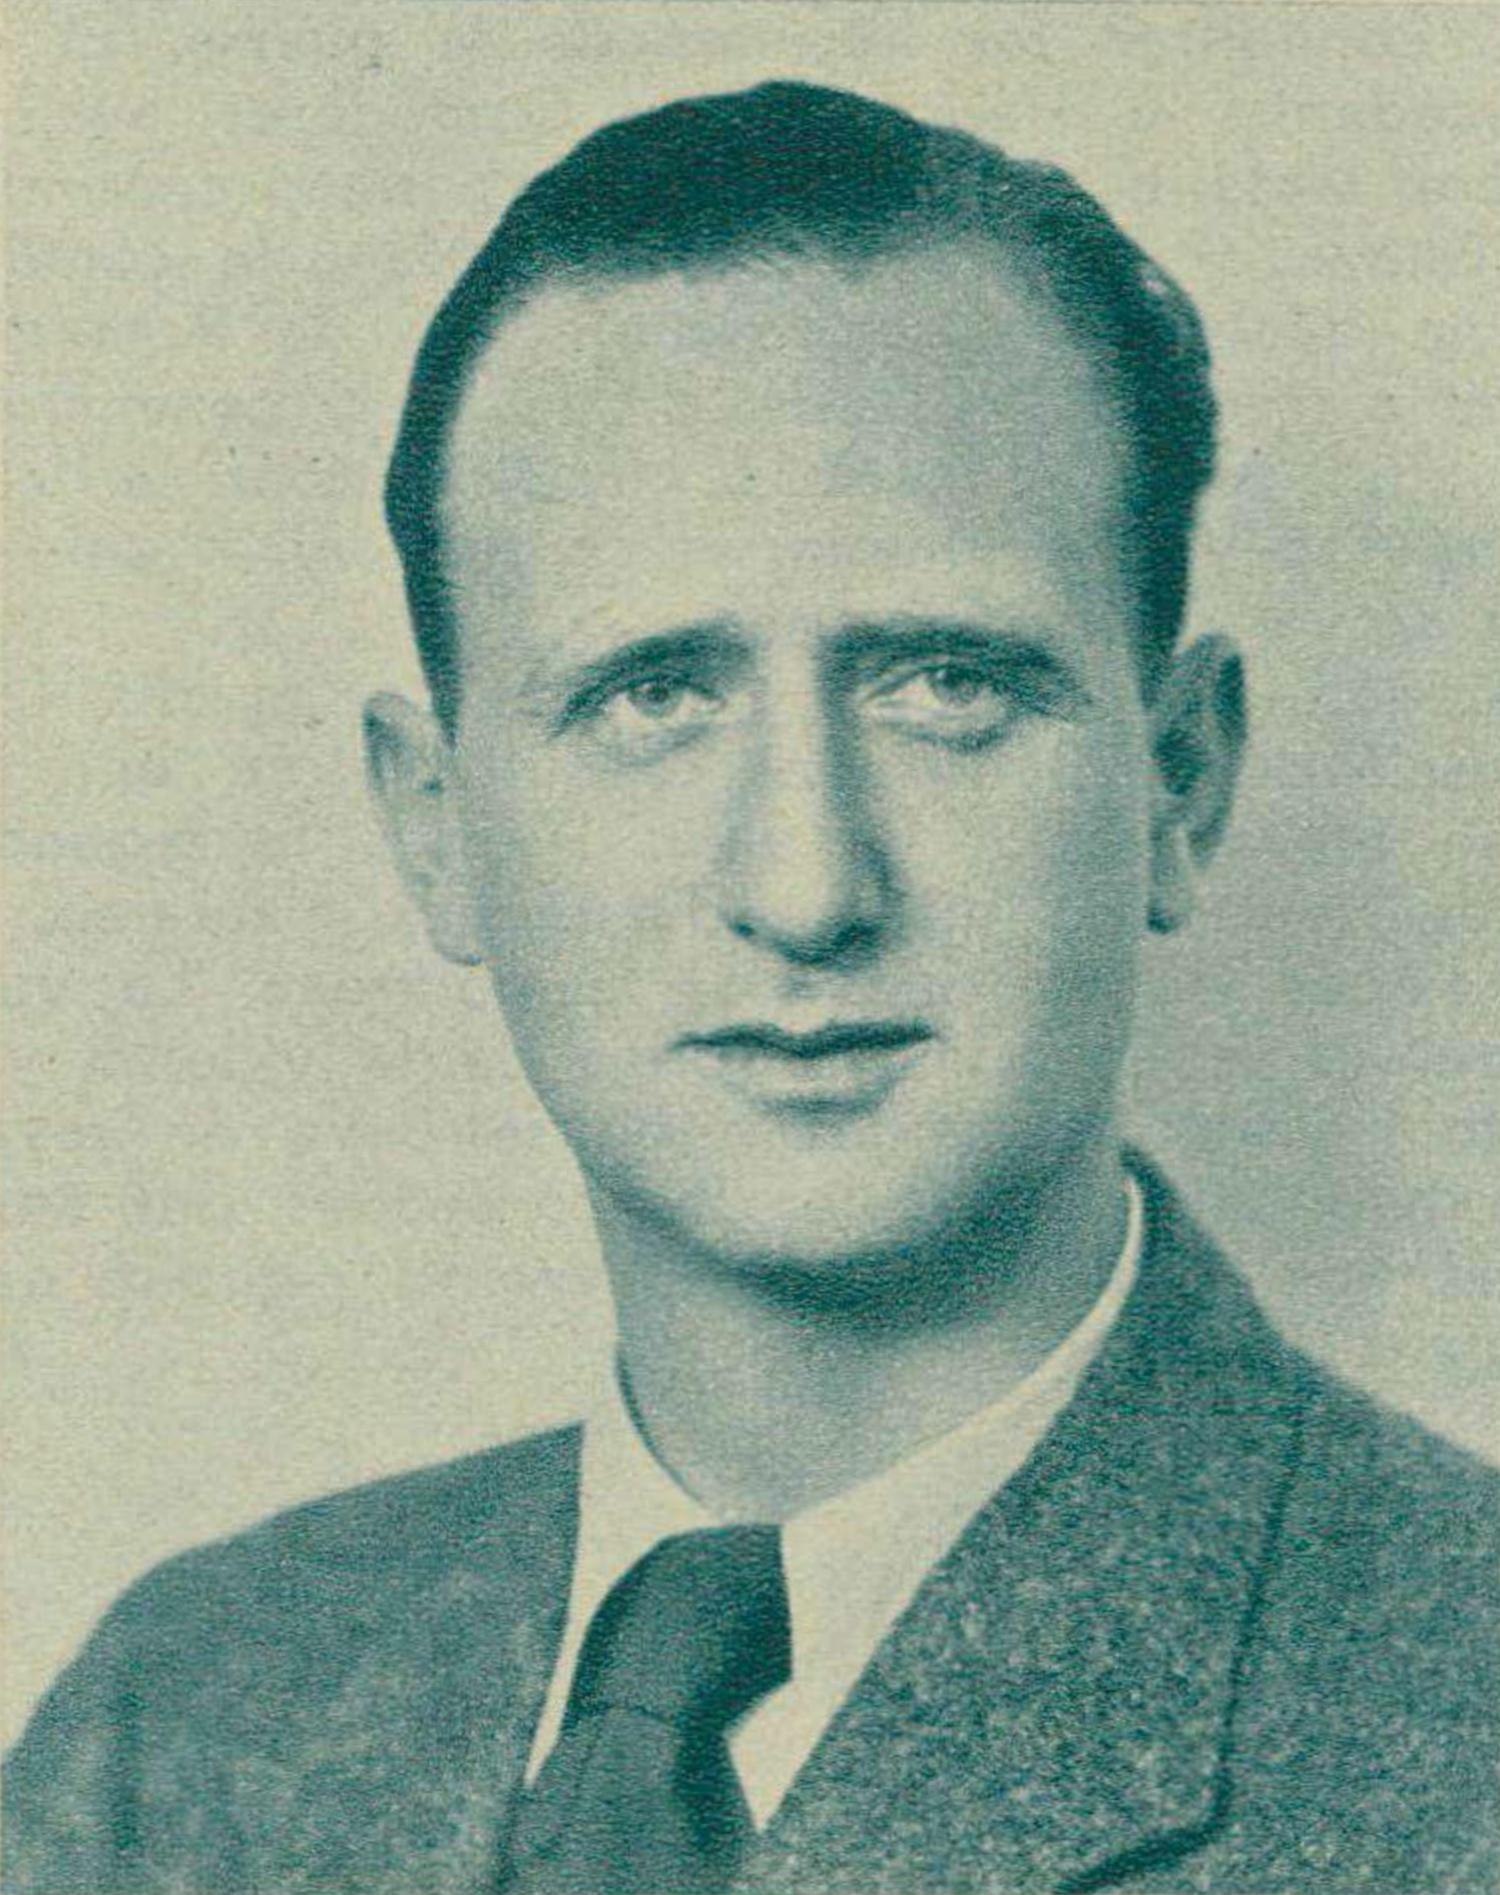 Pierre Colombo, portrait fait par A.Marlof, Vevey, revue Radio Actualités du 8 février 1946, No 2, page 168. Cliquer pour une vue agrandie